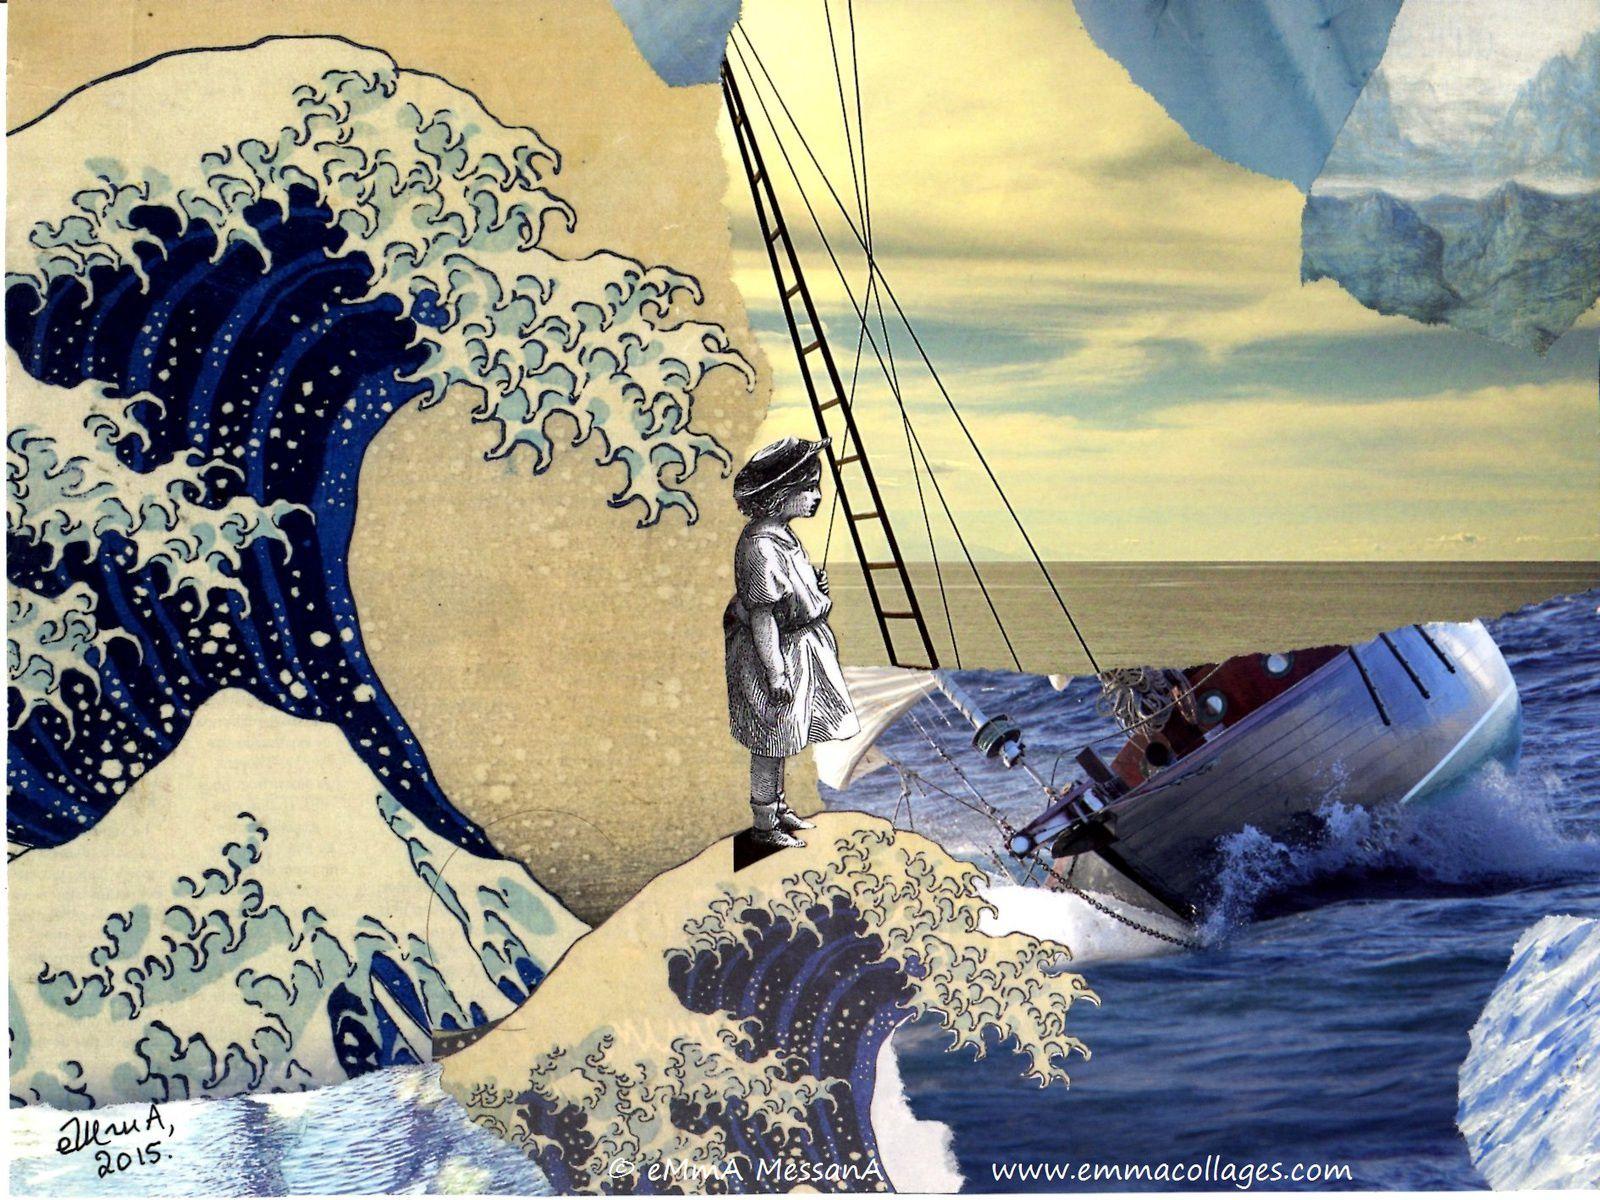 """Les Collages d'eMmA MessanA, collage N°273 """"La vague merveilleuse"""", pièce unique © eMmA MessanA"""